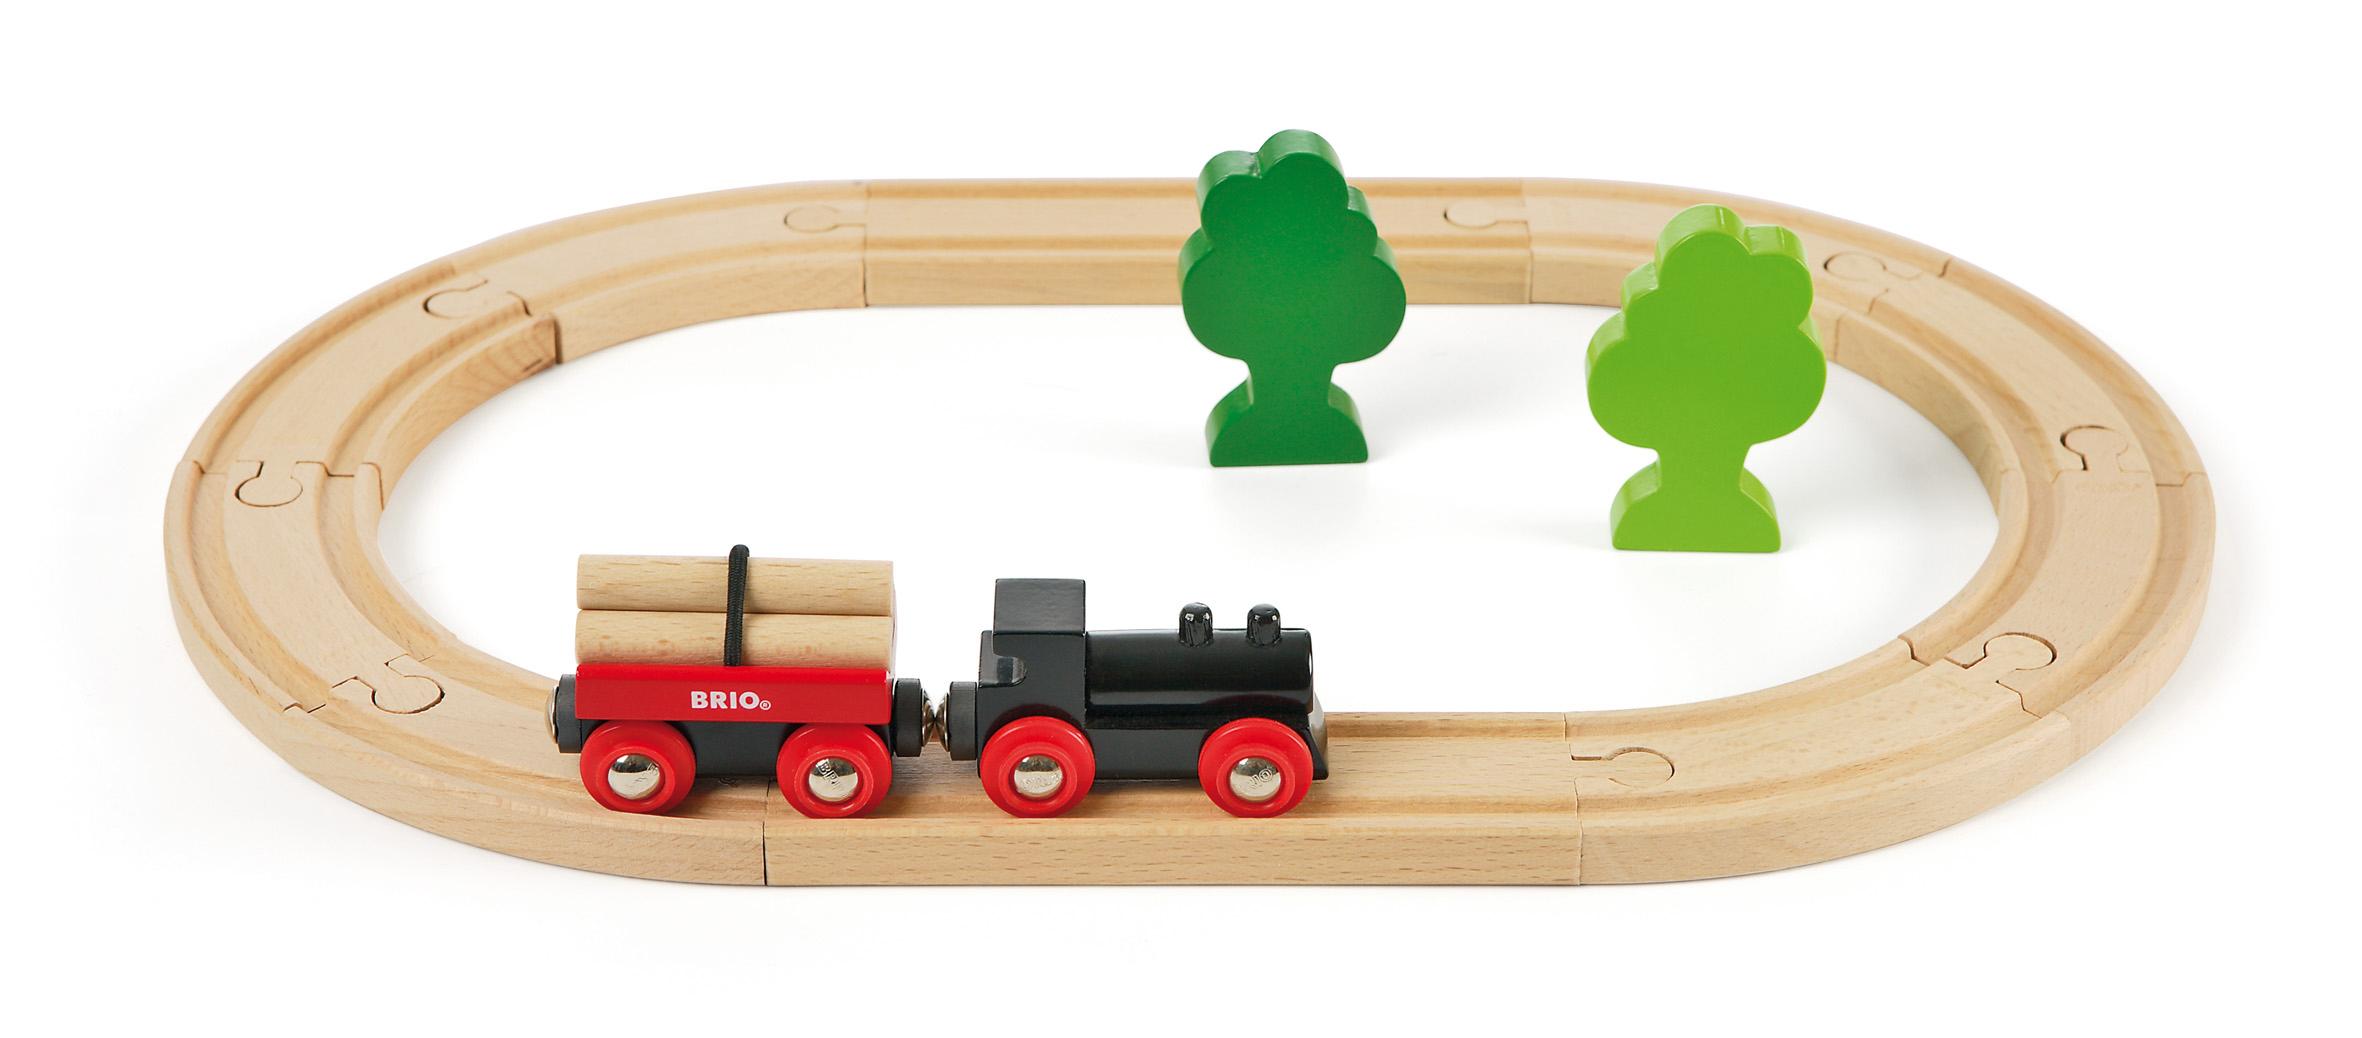 ... Forest Train Starter Set, Brio Wooden Train Set, Childrens train set